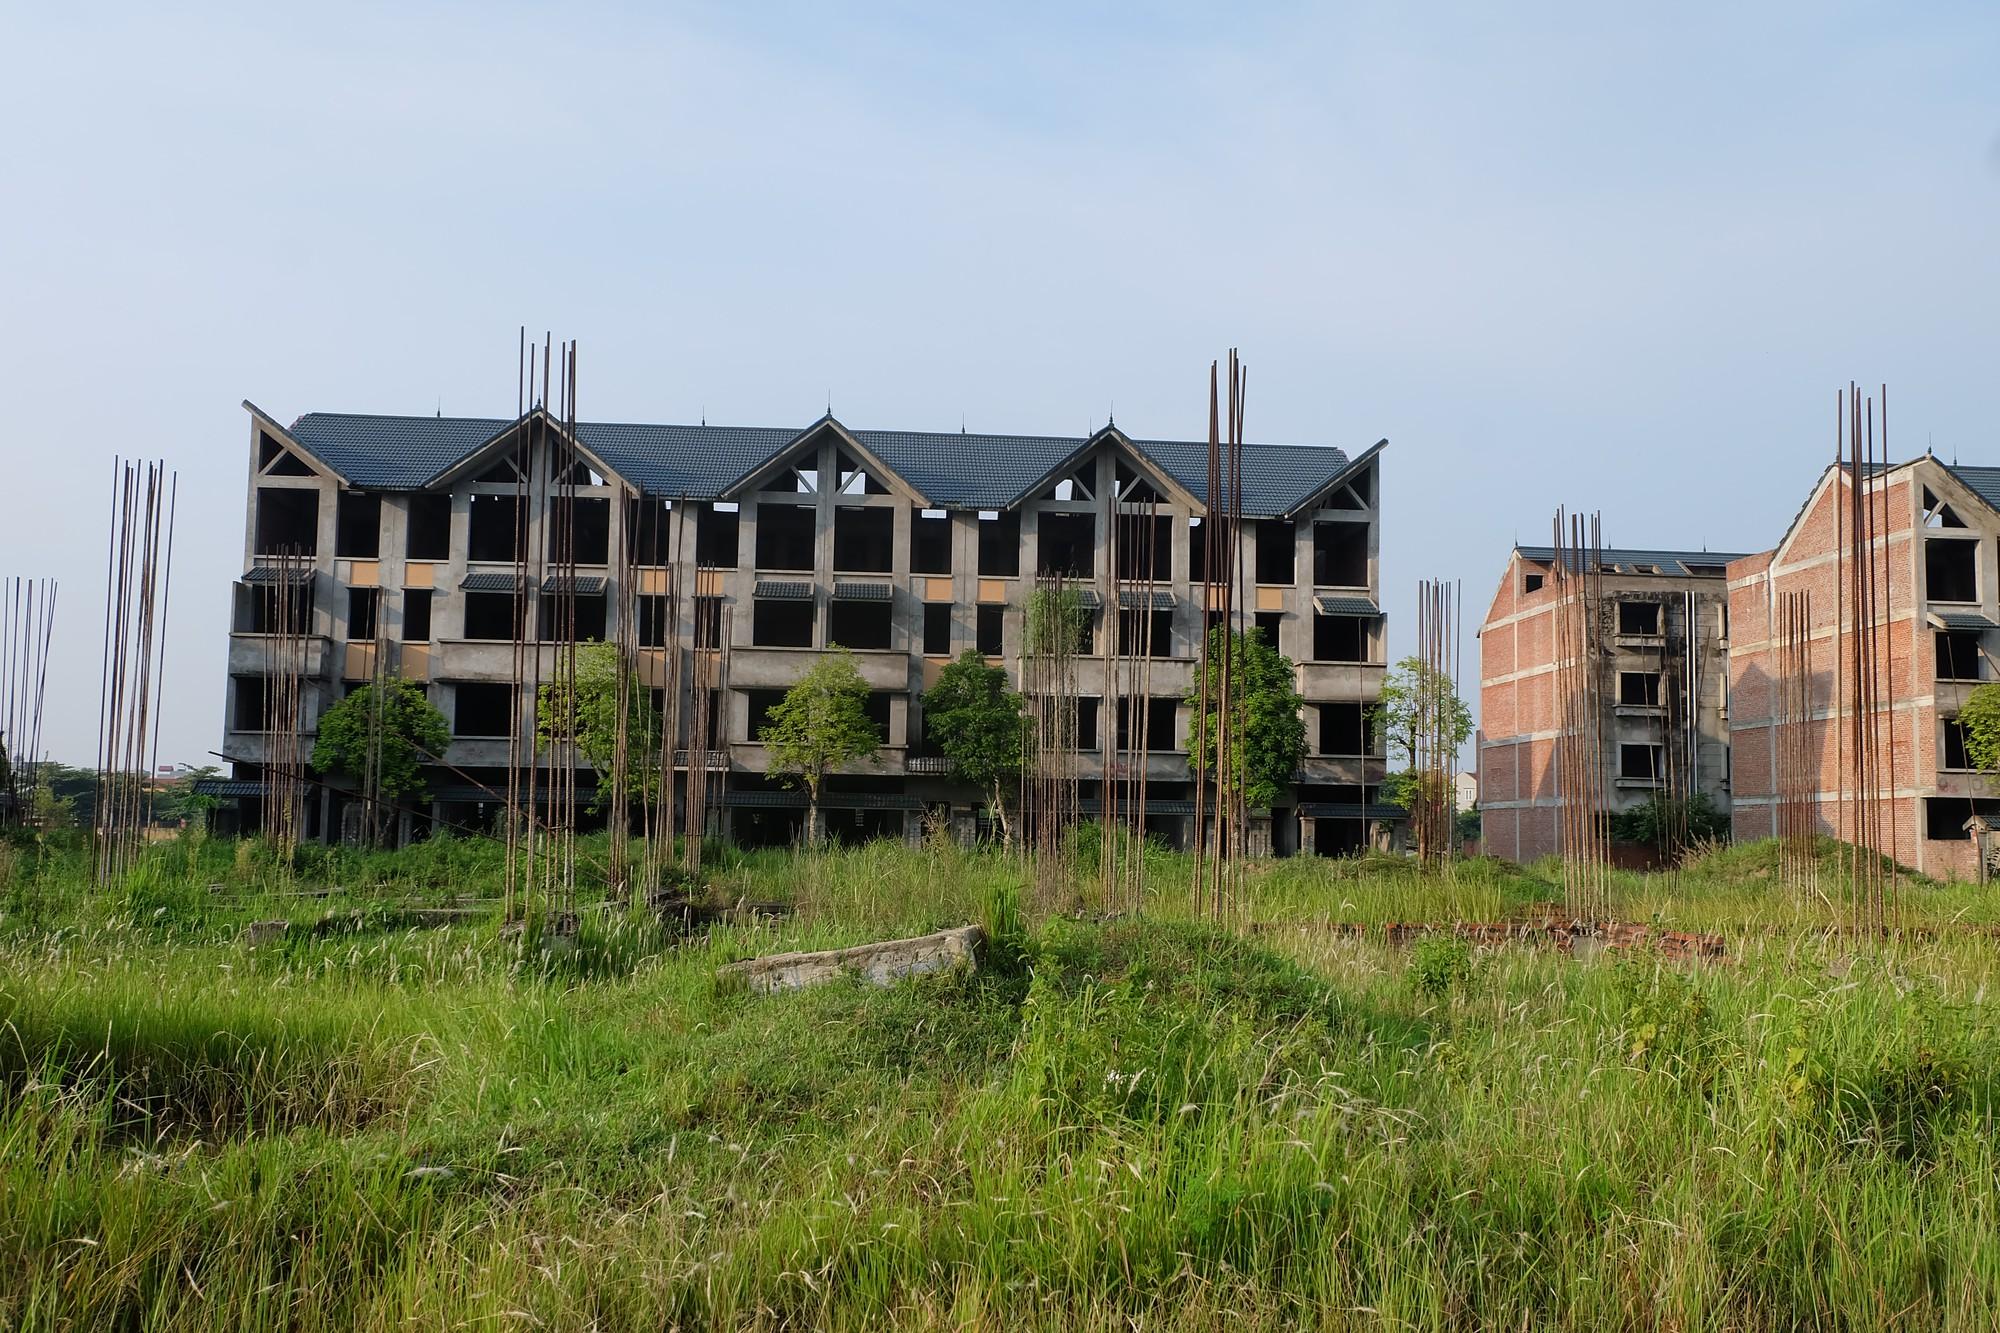 Loạt bất cập trong quản lý đất đai tại nhiều địa phương, KTNN kiến nghị xử lý tài chính 334 tỉ đồng - Ảnh 1.